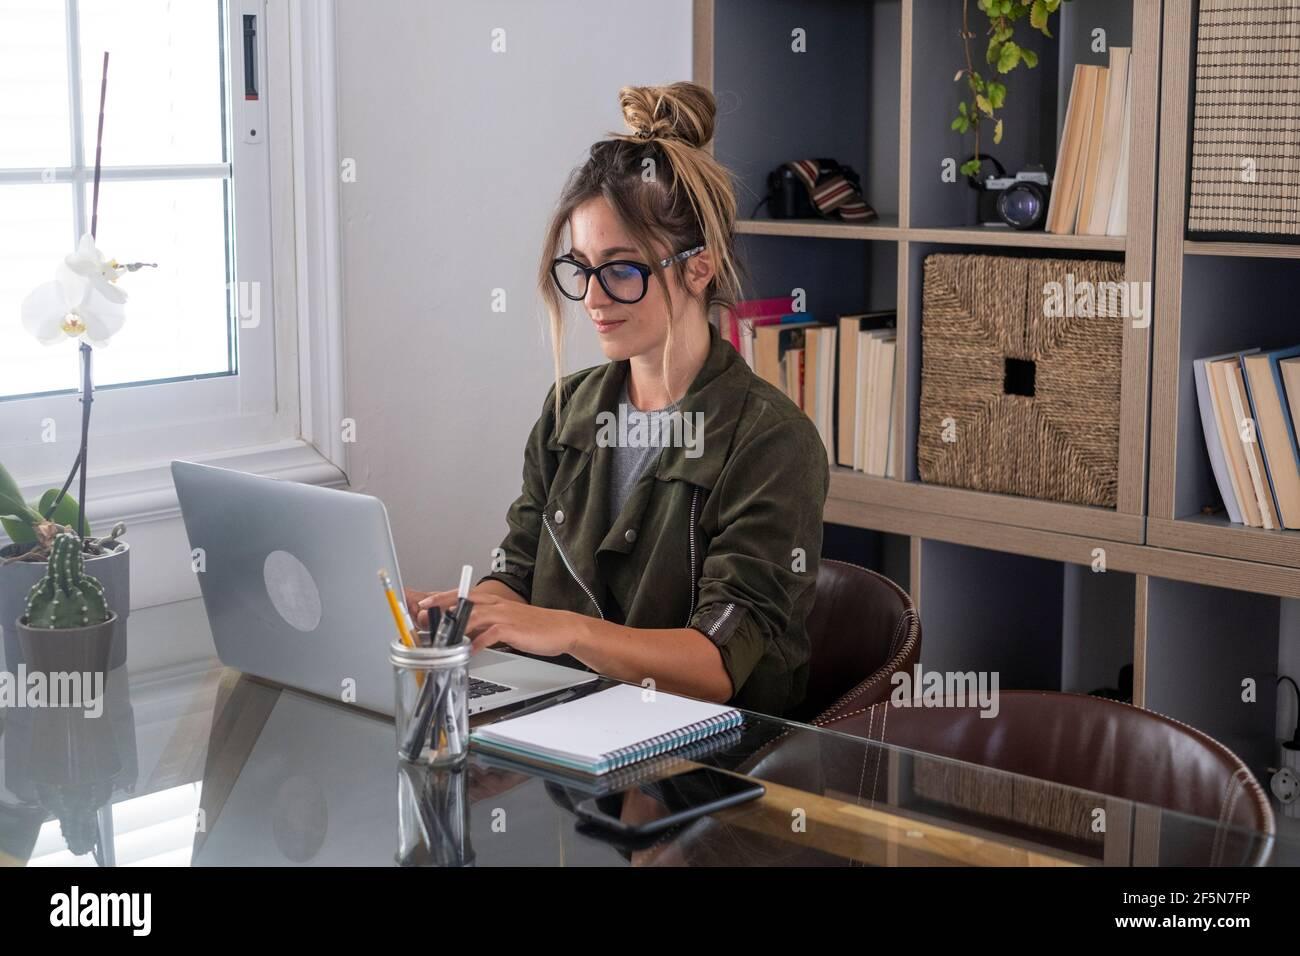 Femme adulte type sur ordinateur portable et sourire heureux pour travail intelligent, activité à domicile gratuite - personnes modernes en ligne travail à distance style de vie - fem Banque D'Images